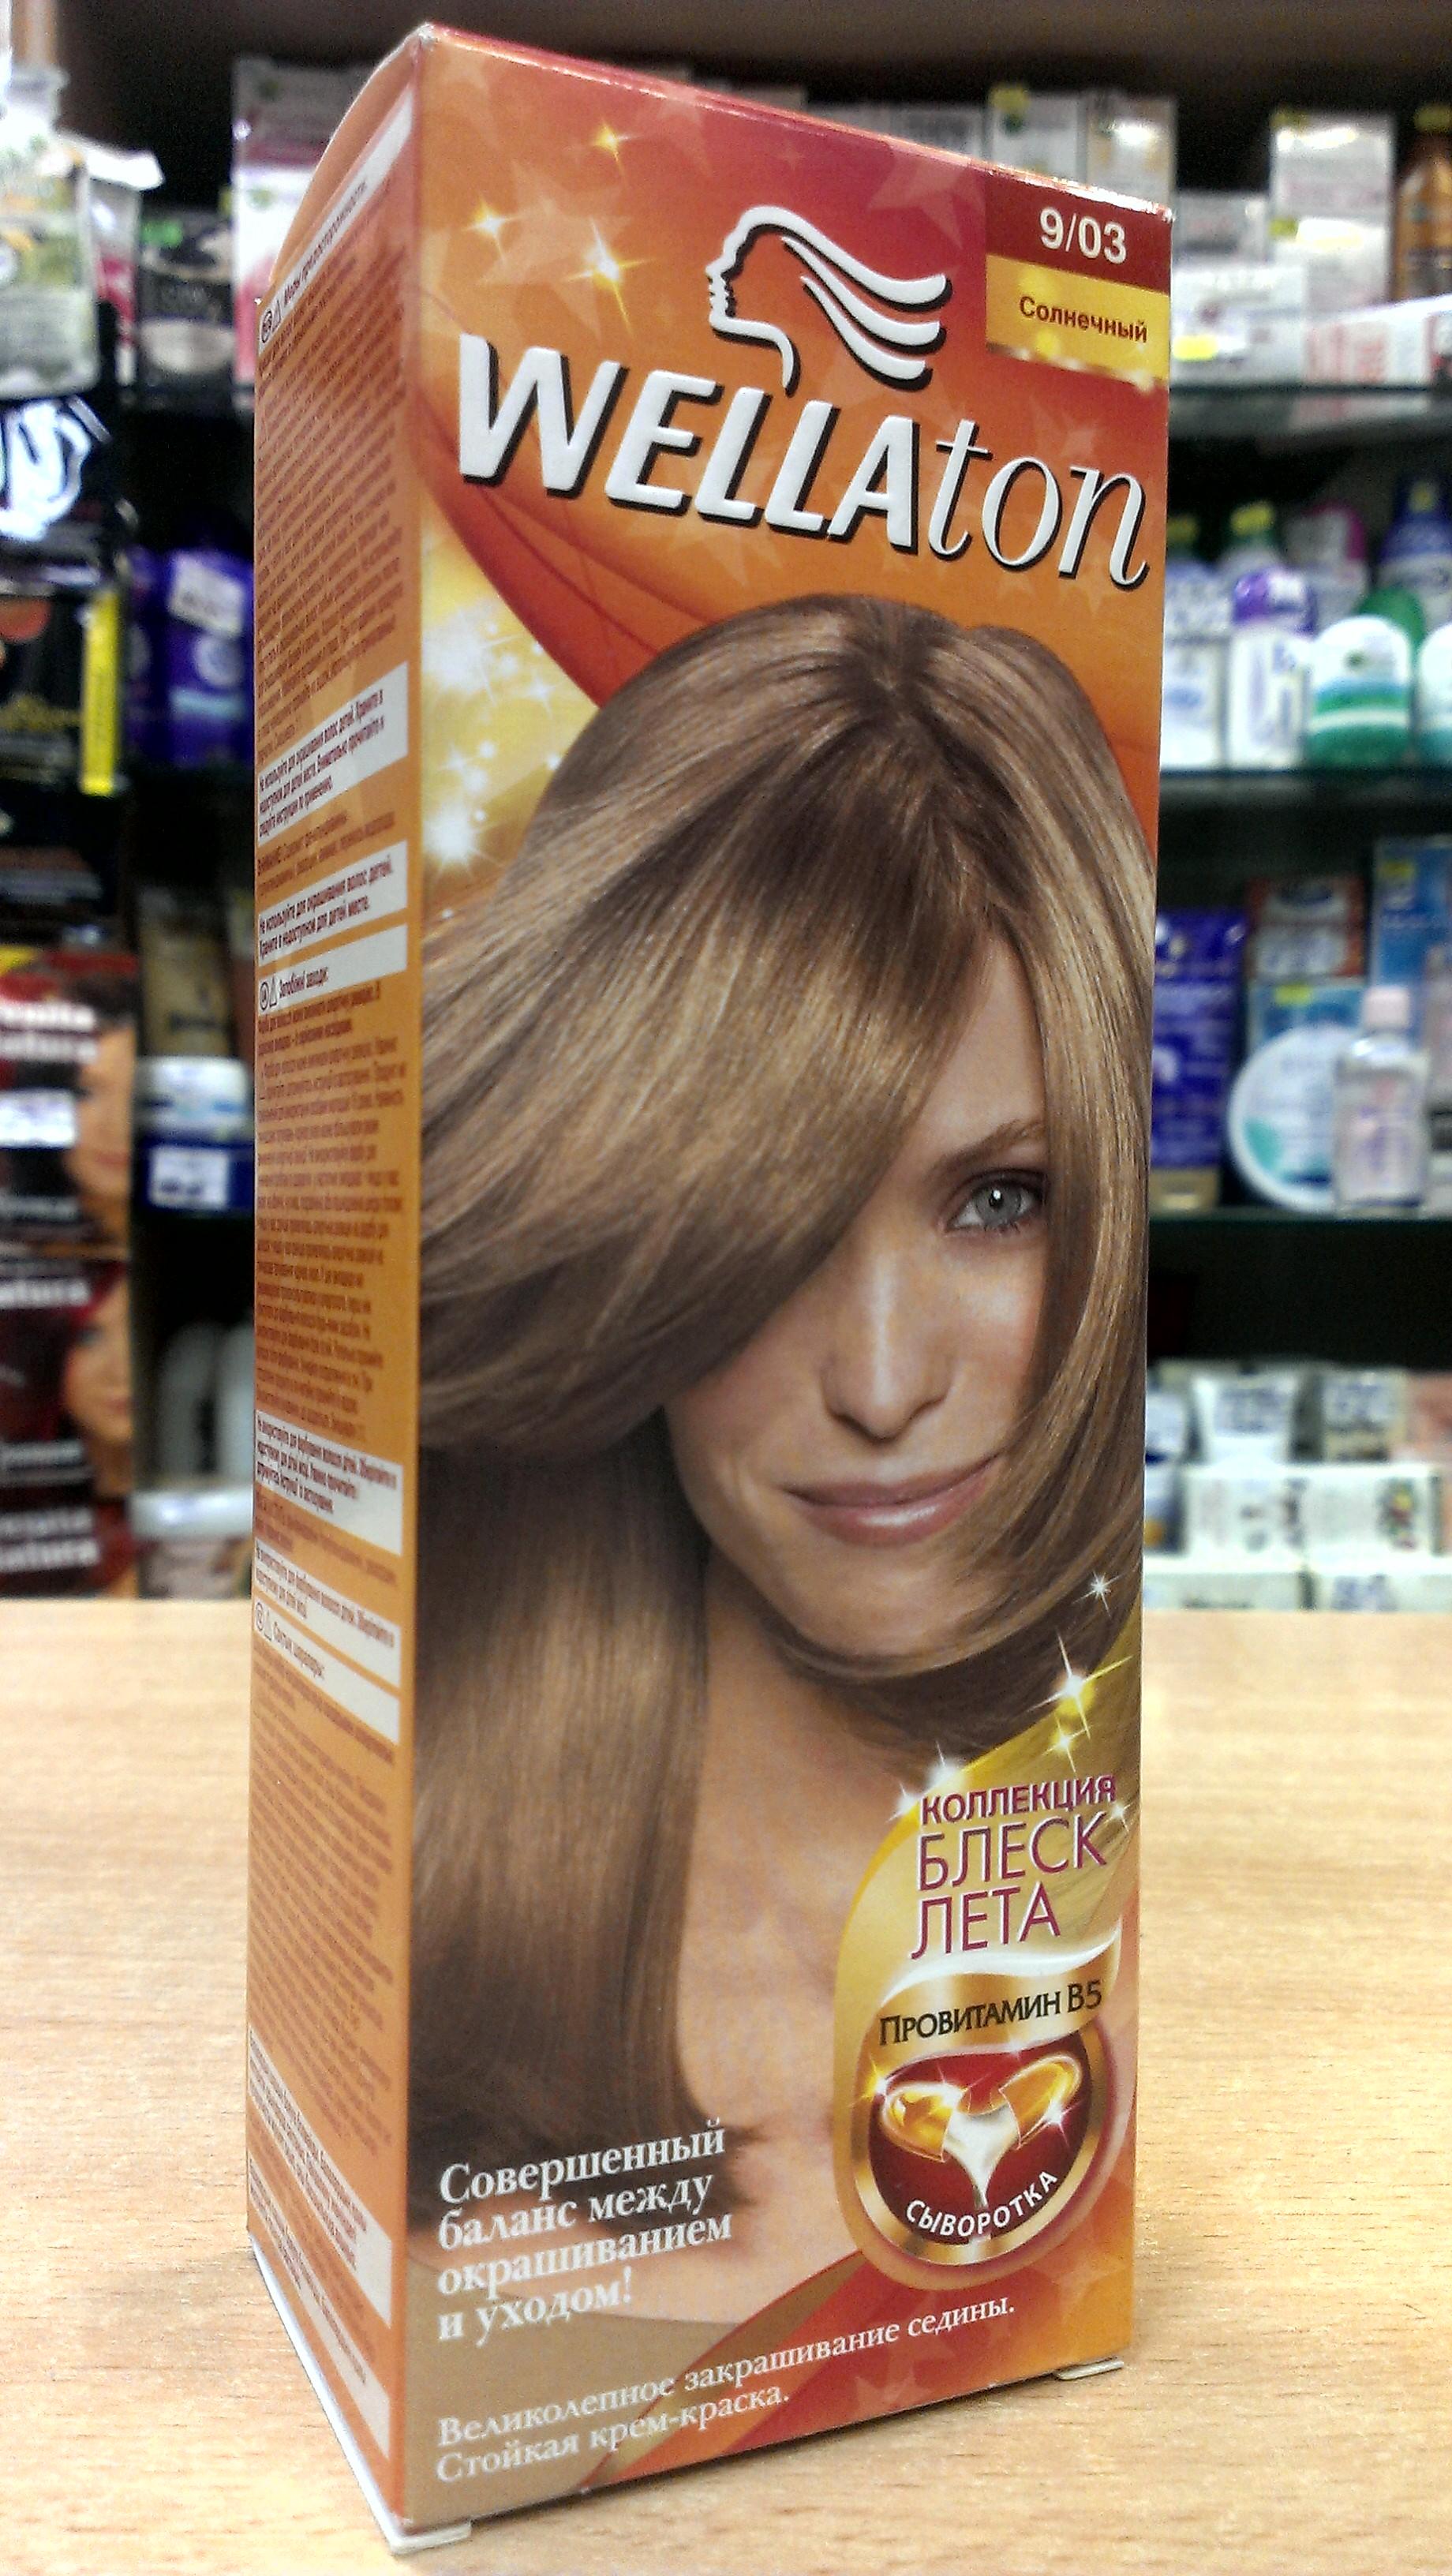 Веллатон краска для волос палитра фото отзывы